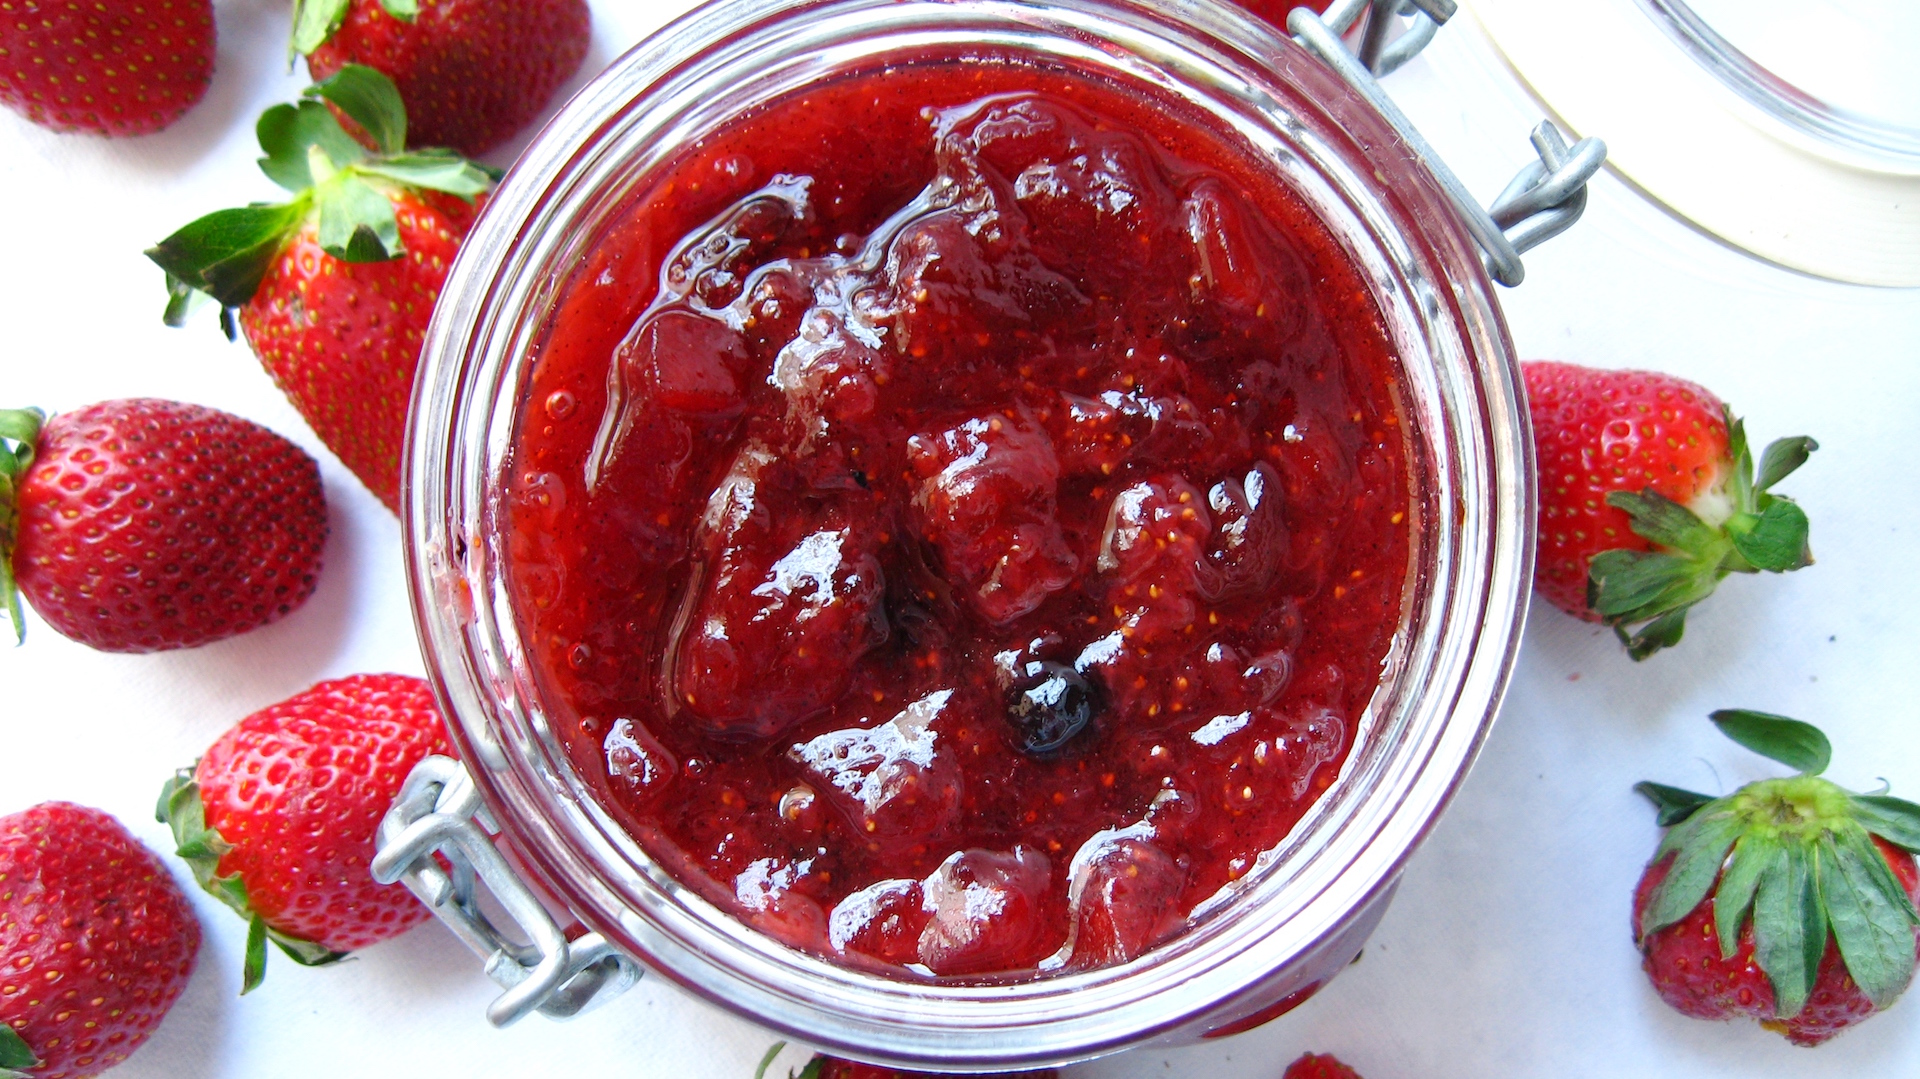 Como conservar las frutillas en el freezer